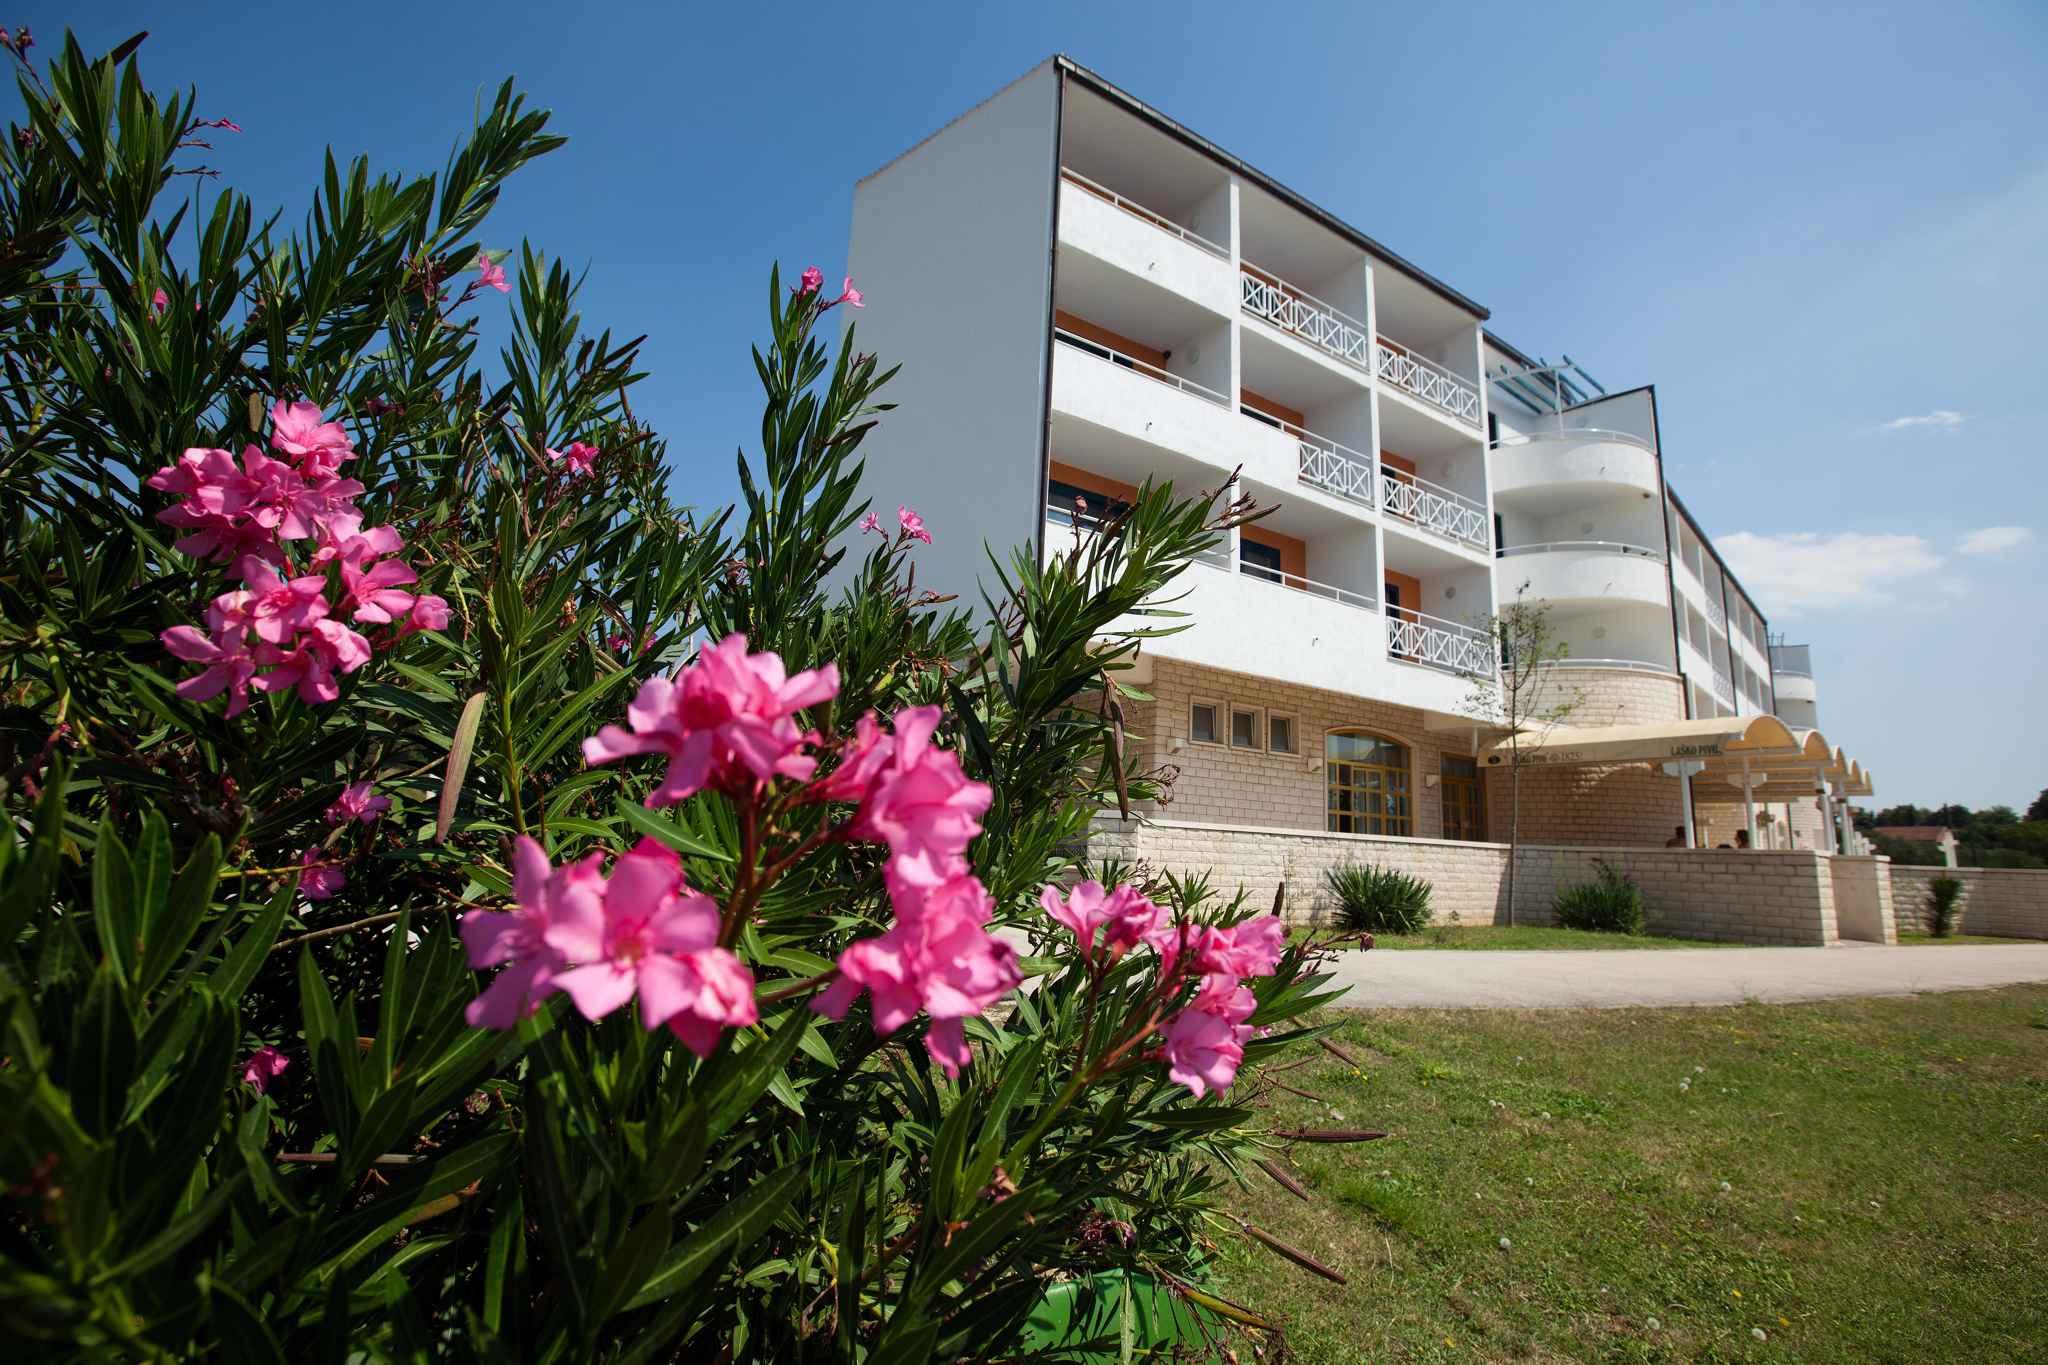 Ferienwohnung Ferienanlage Croatia (278901), Sveti Filip i Jakov, , Dalmatien, Kroatien, Bild 1